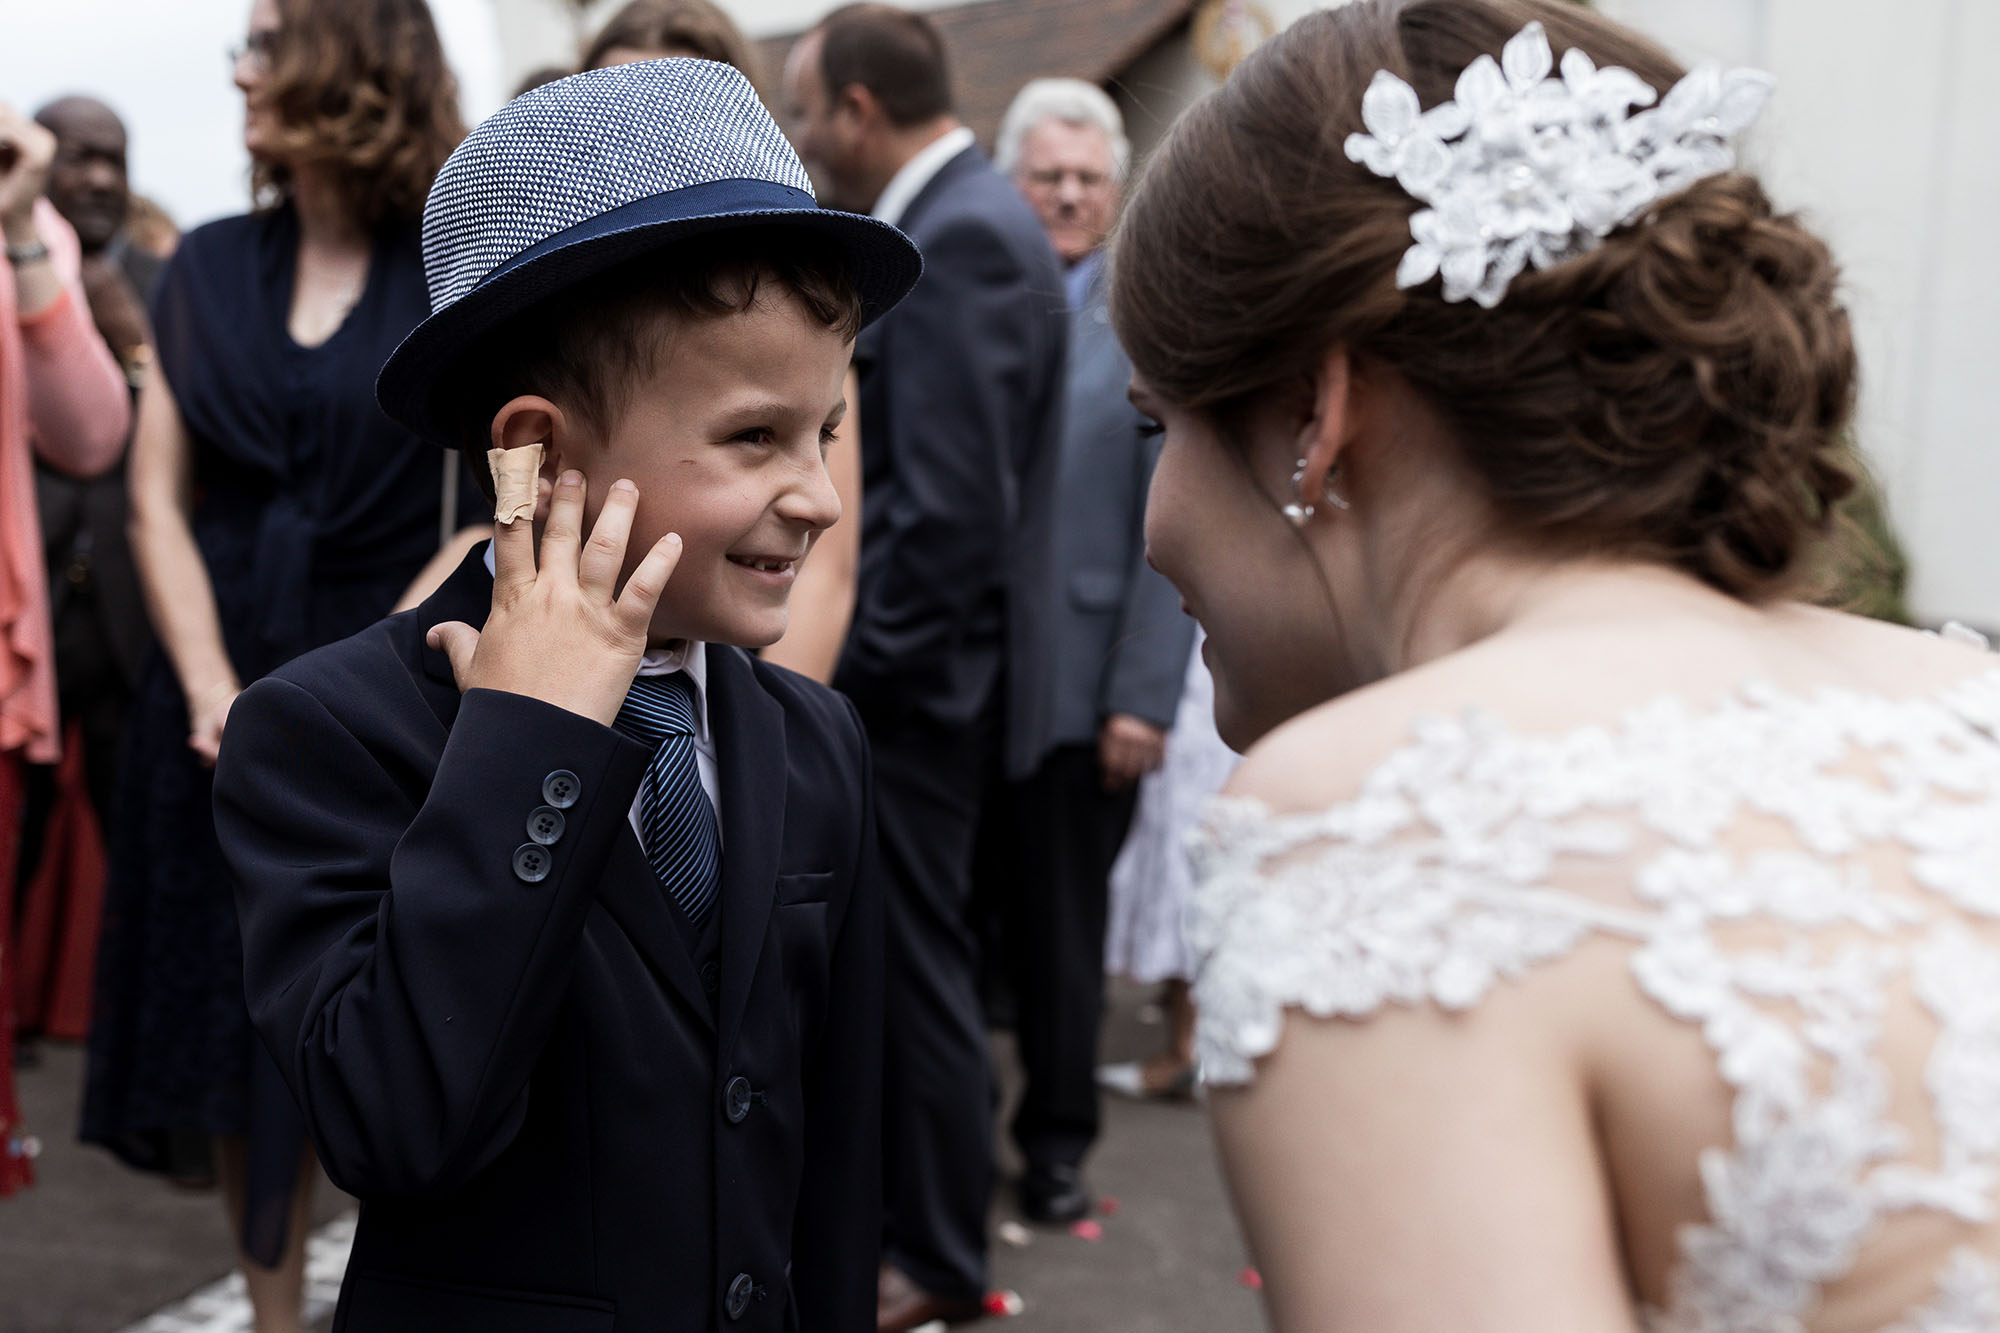 Der kleine Junge gratuliert dem Brautpaar